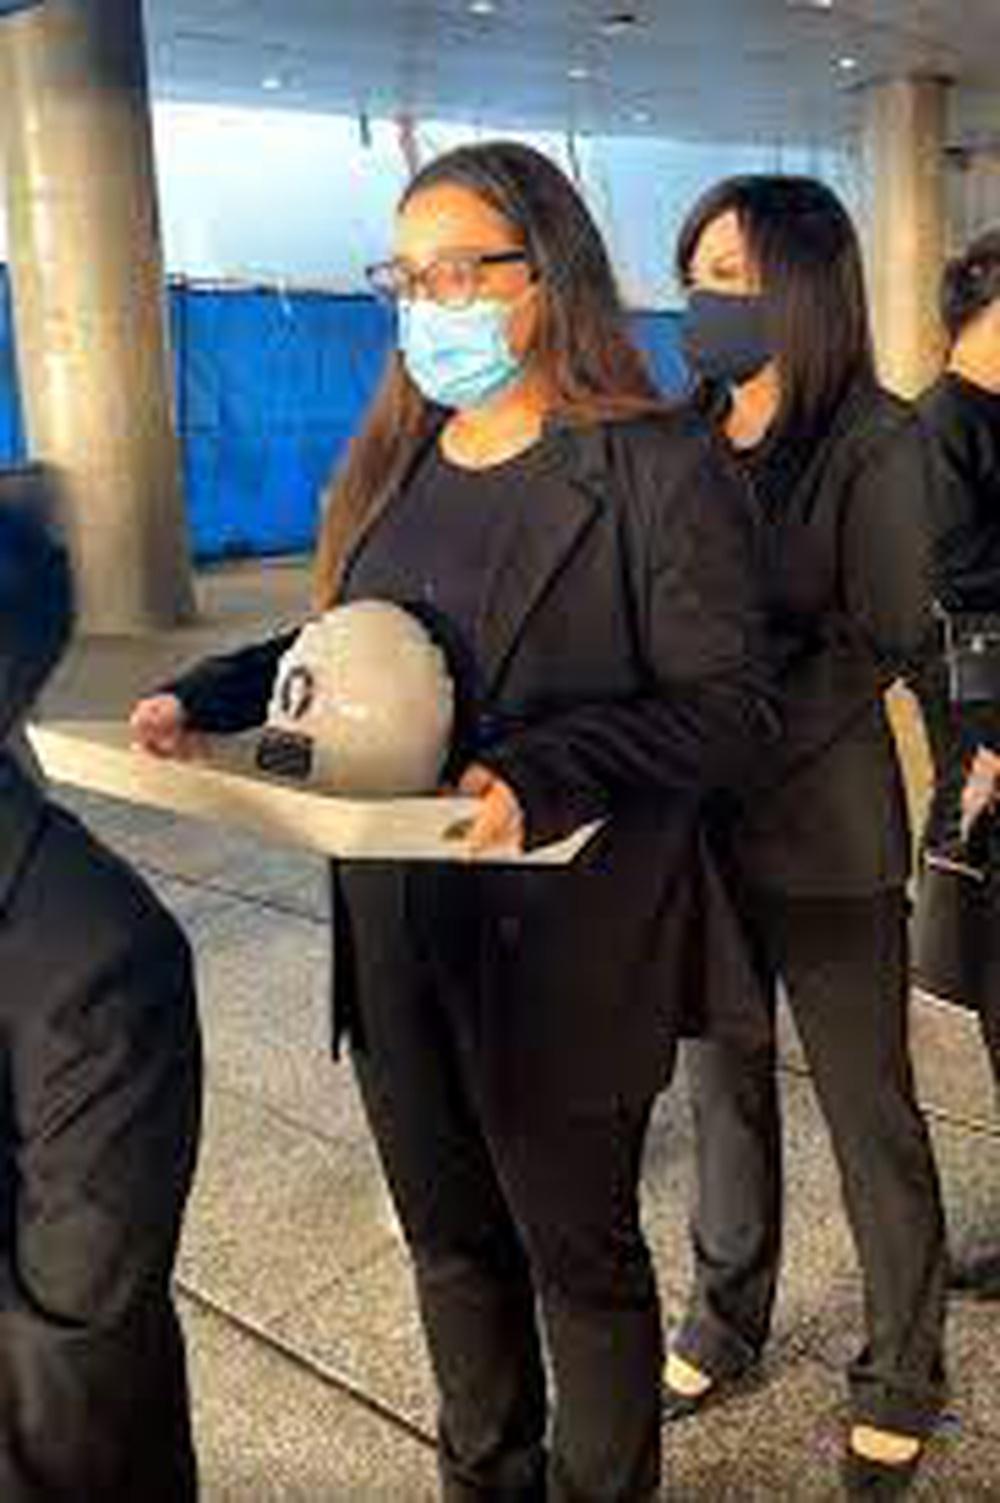 Con gái ruột Phi Nhung lên tiếng: Có quá nhiều chuyện không đúng về mẹ, con muốn nói tất cả sự thật - ảnh 2